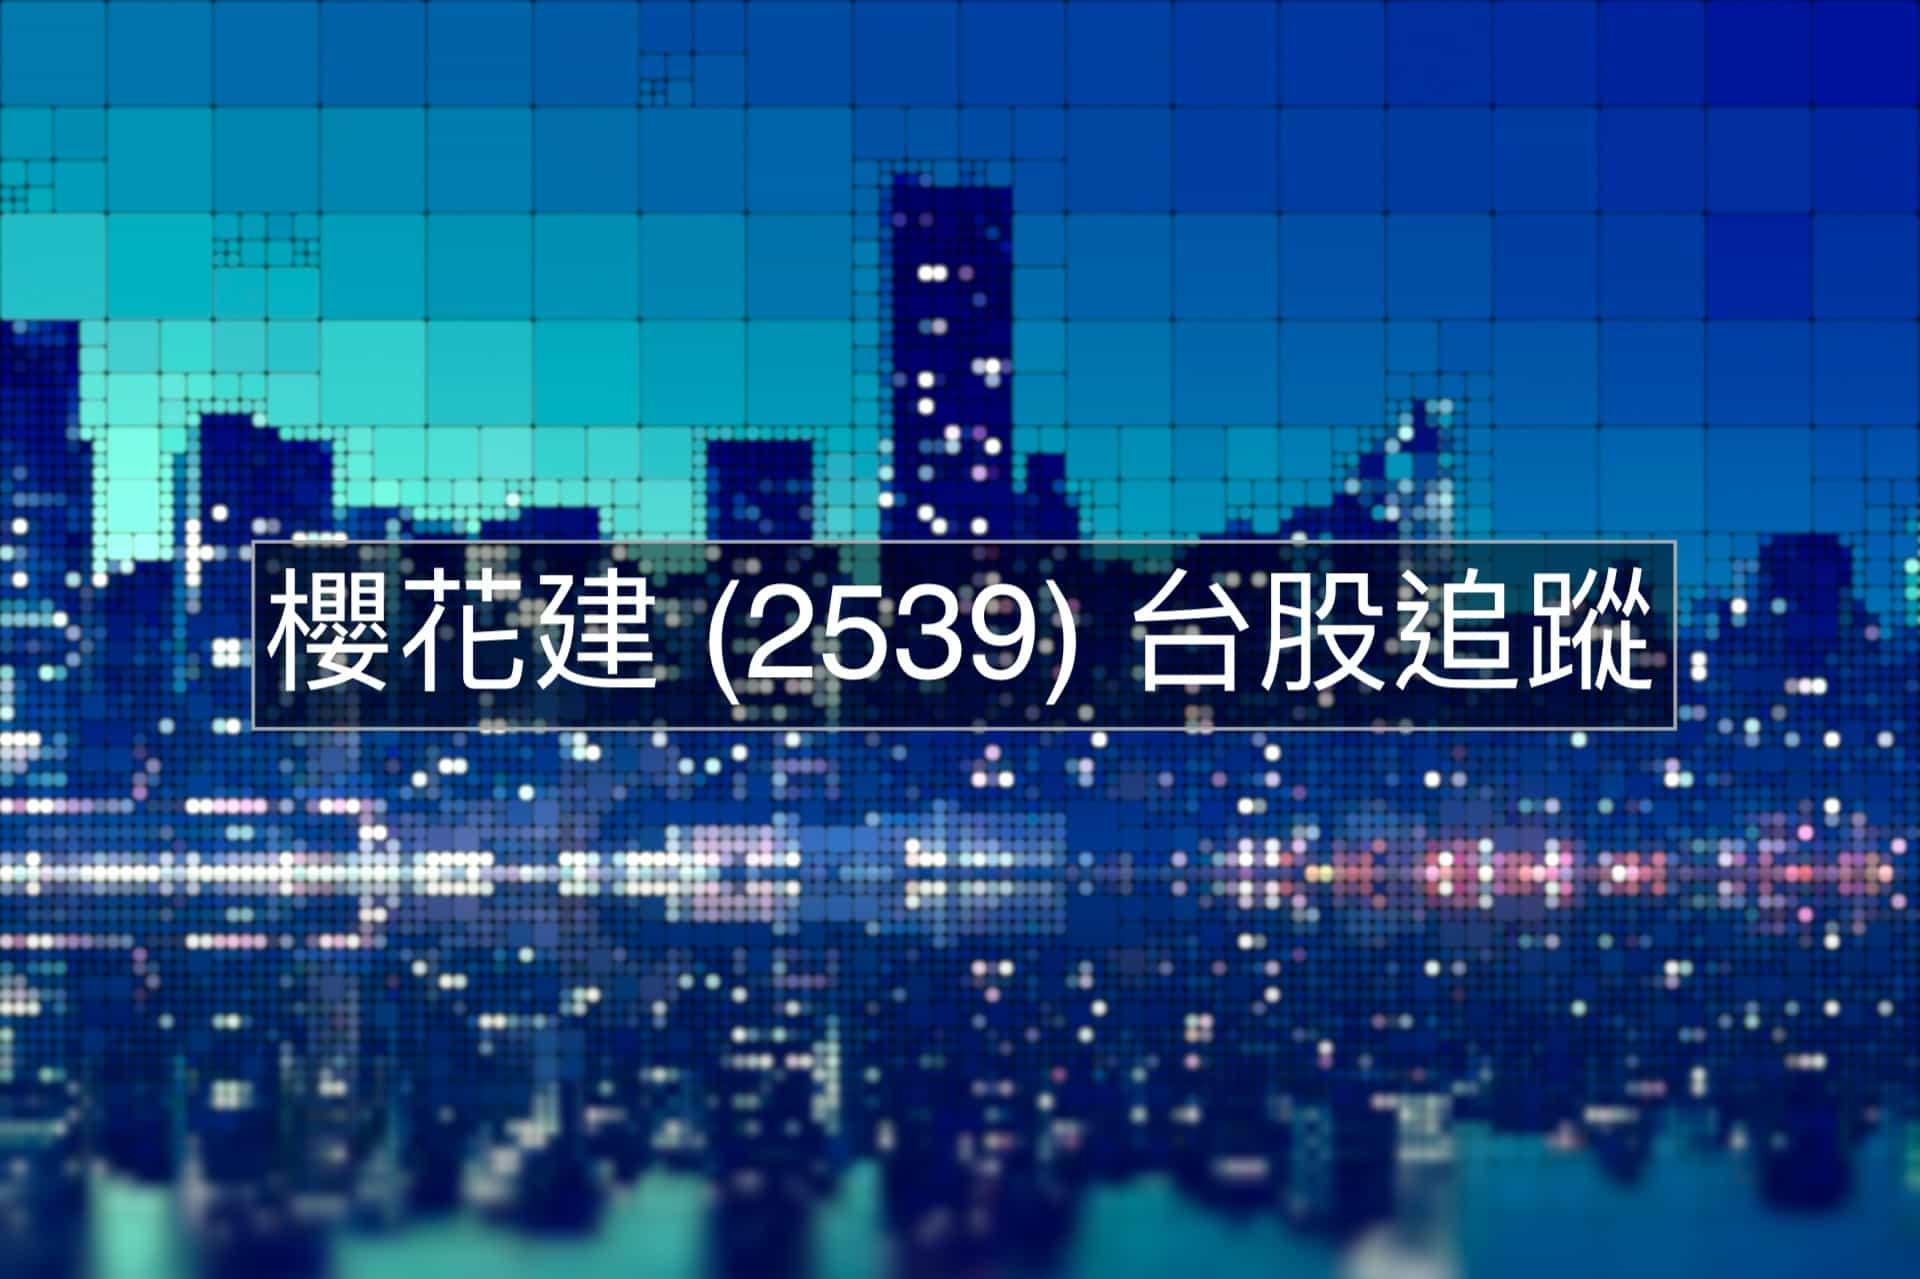 櫻花建 2539